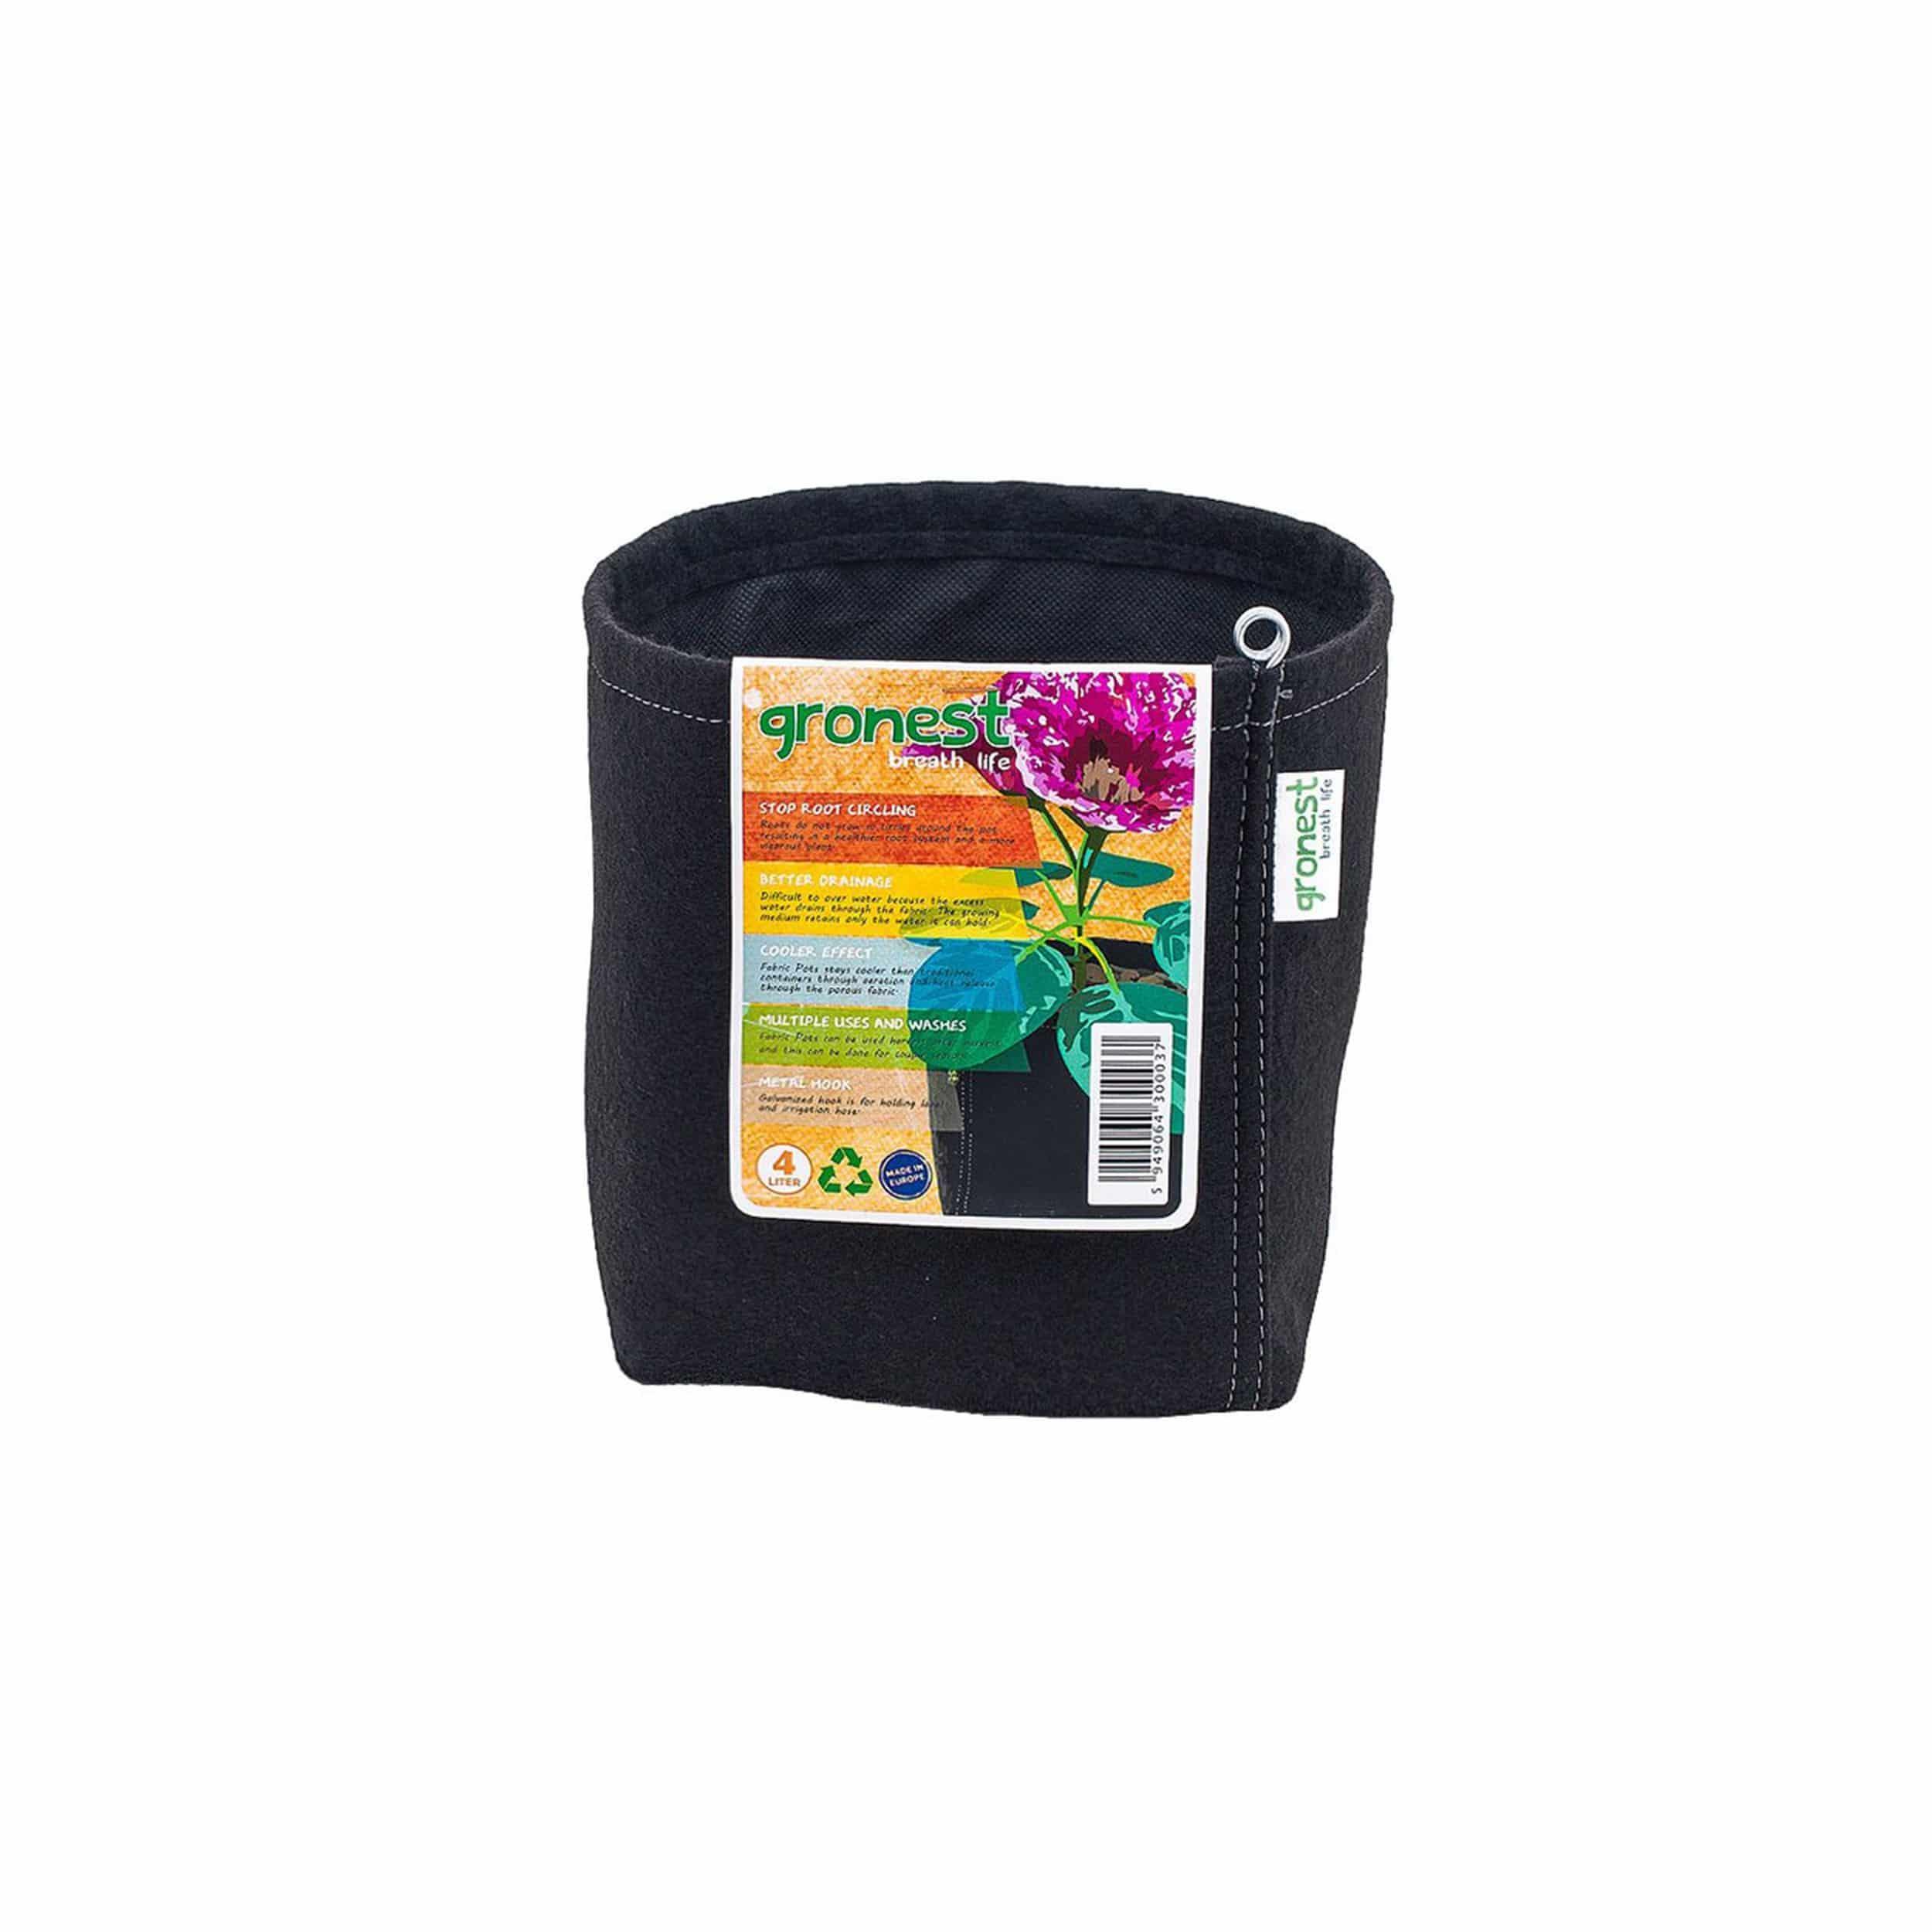 Textil-Blumentopf 4 Liter